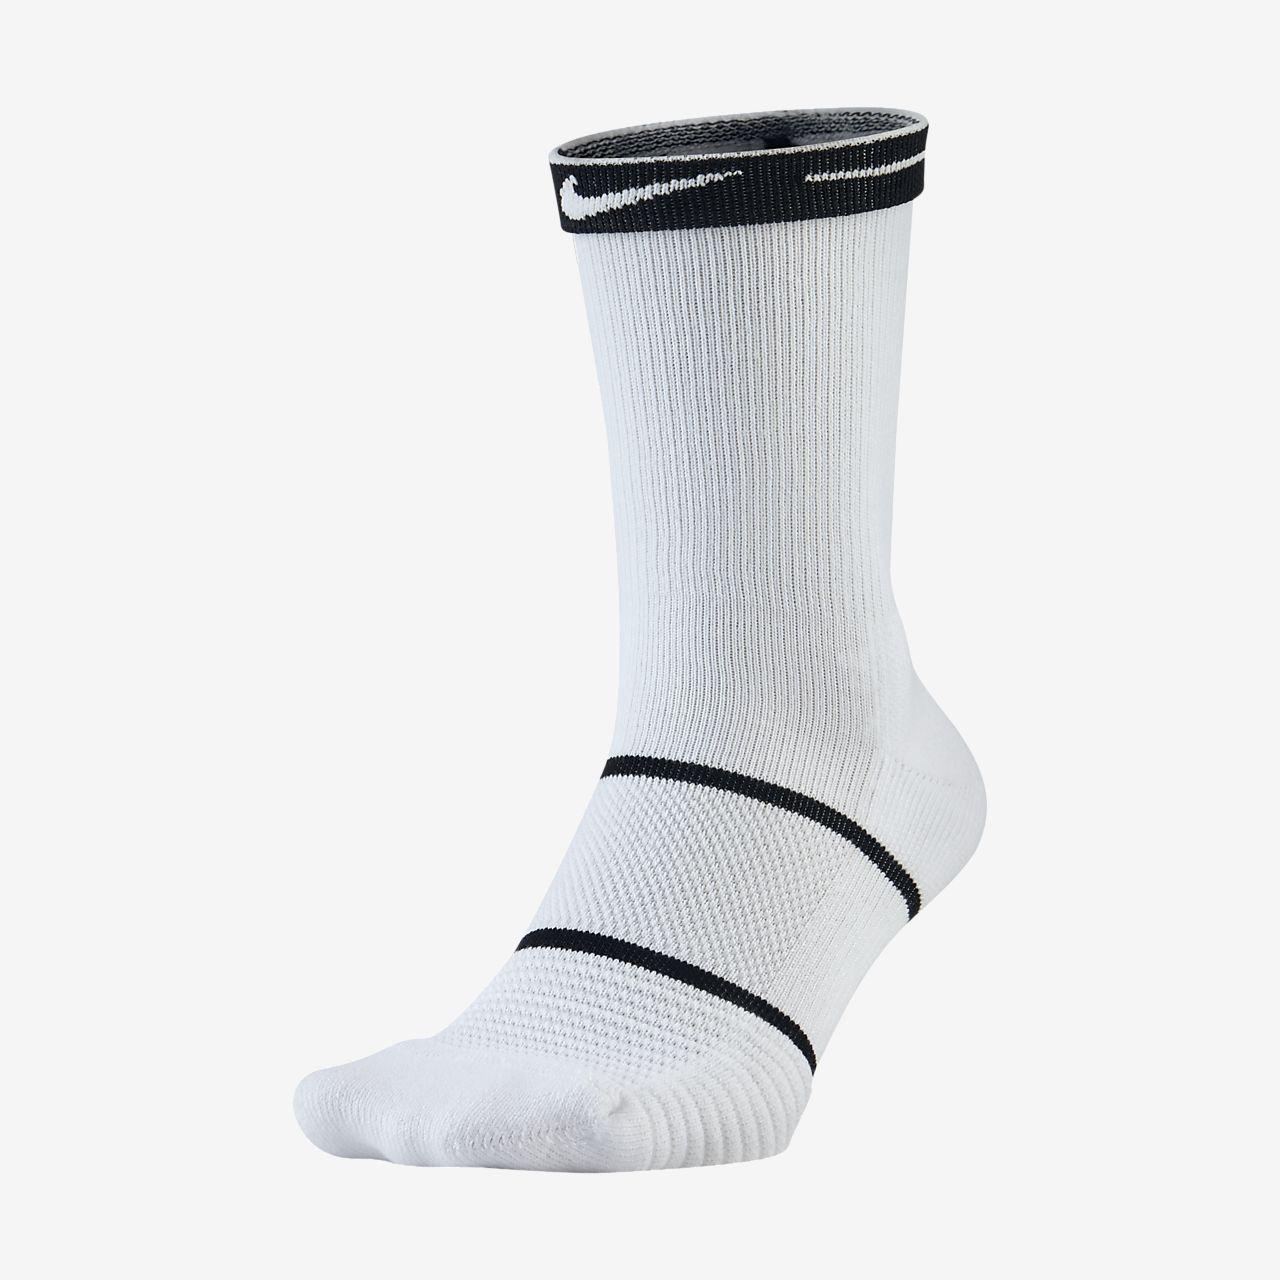 Calcetines de tenis NikeCourt Essentials Crew